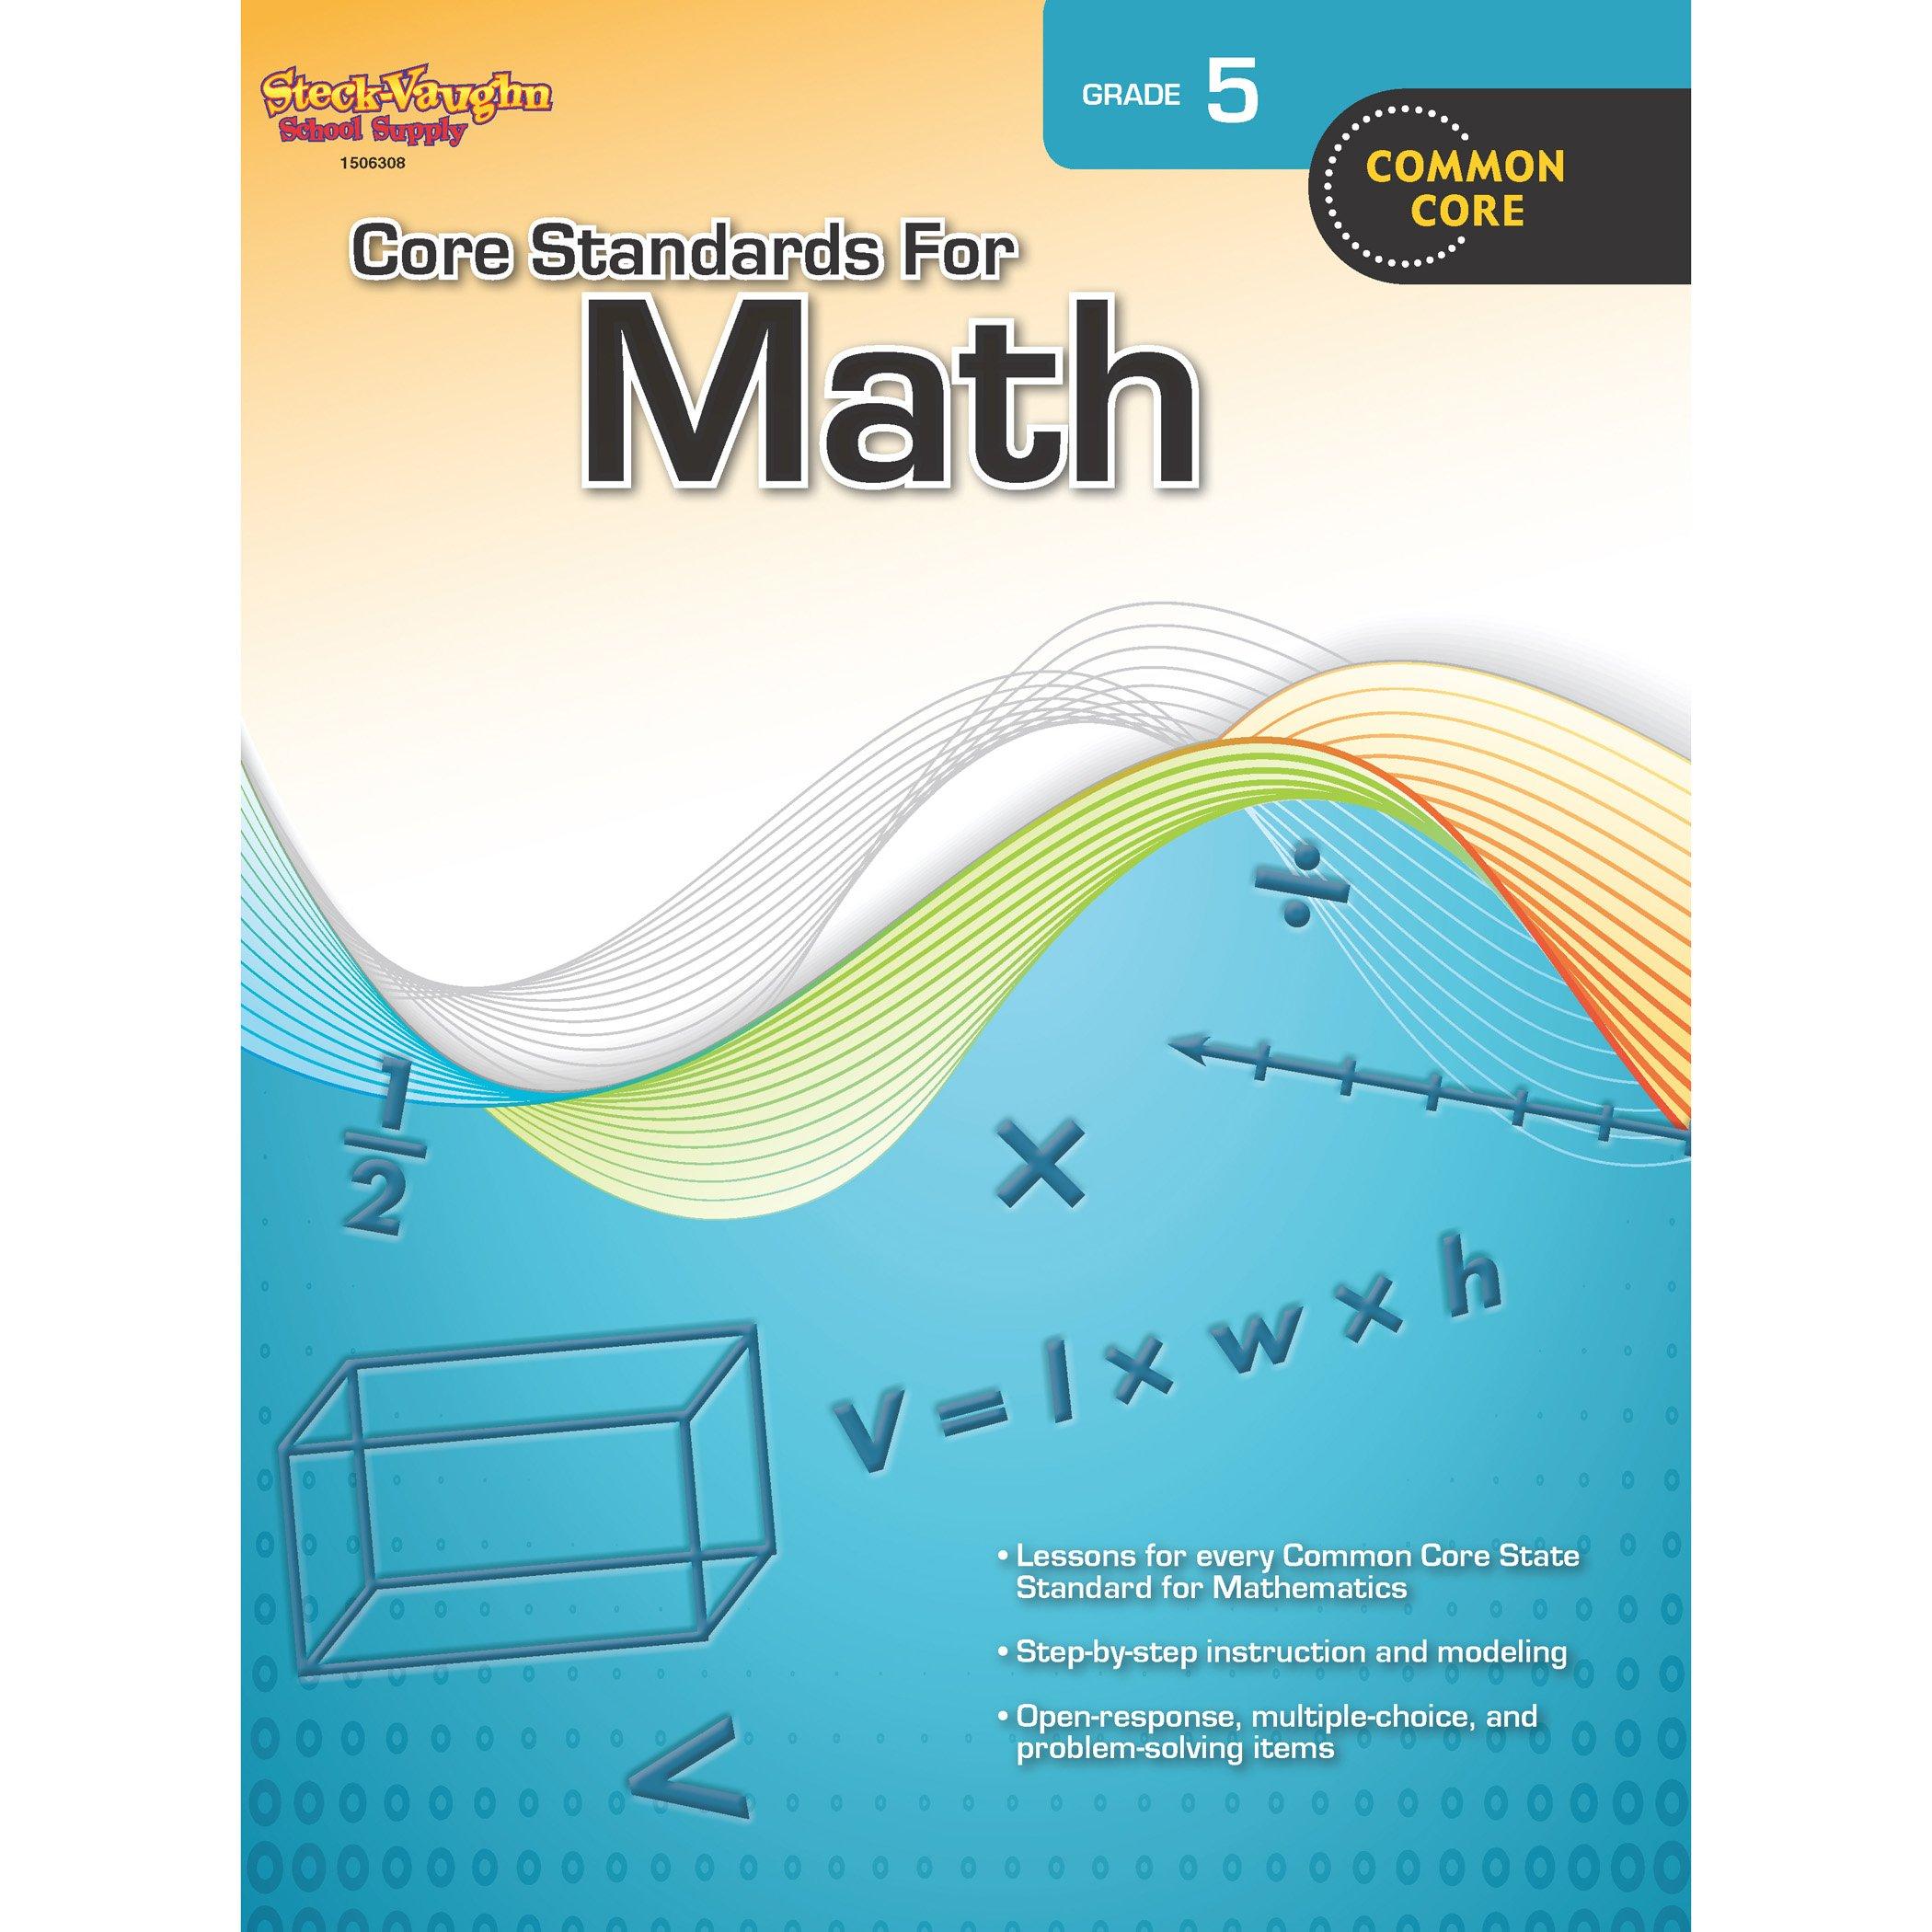 Core Standards for Math: Reproducible Grade 5